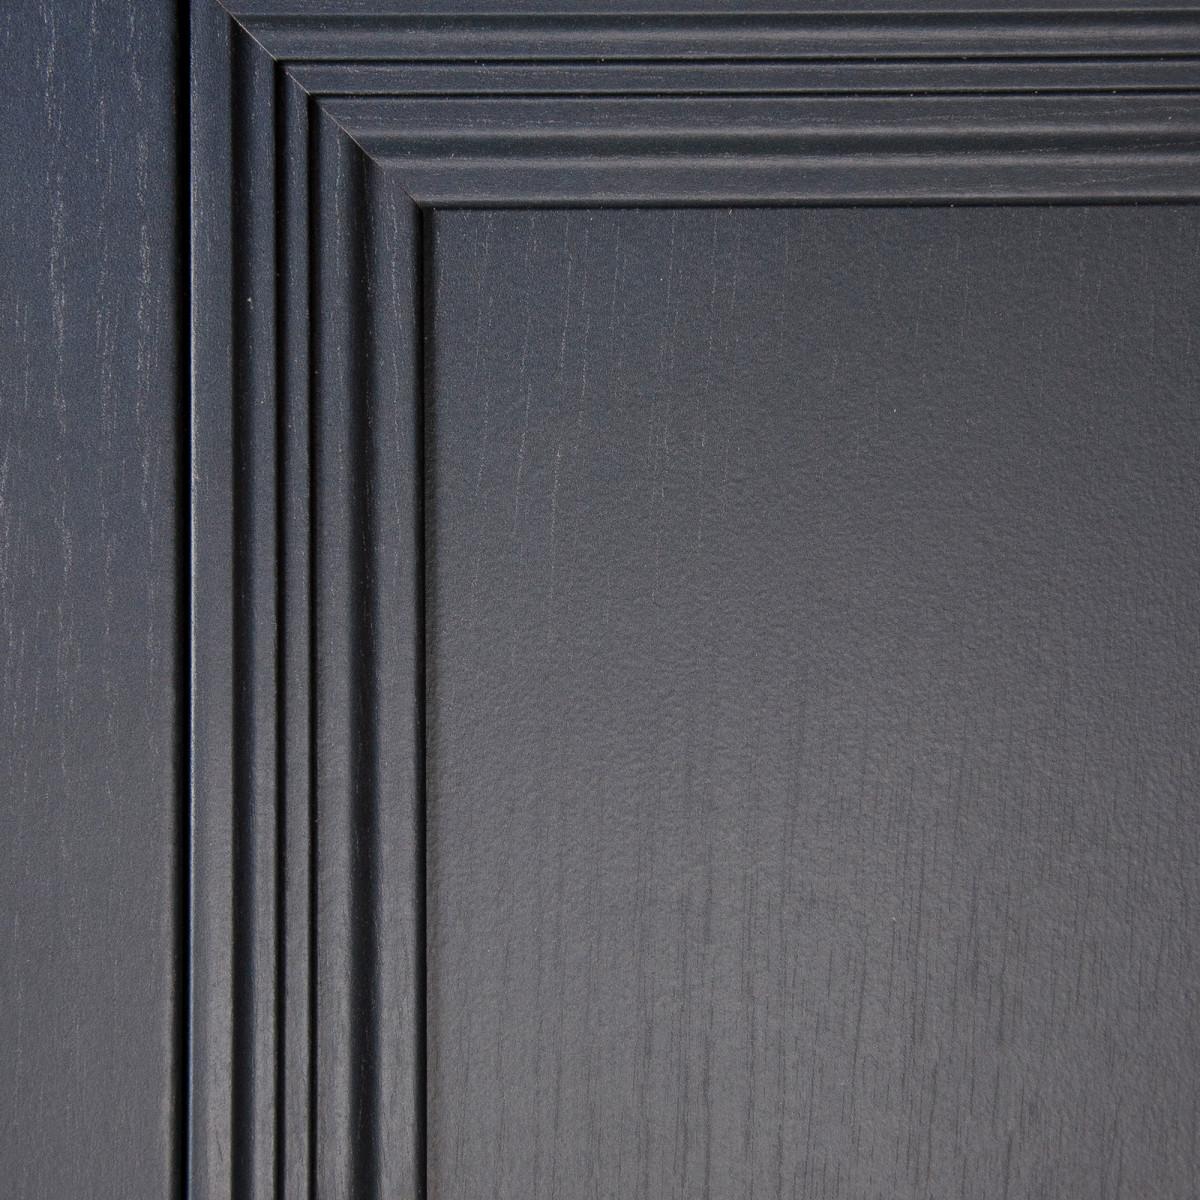 Дверь Межкомнатная Глухая С Замком И Петлями В Комплекте Трилло 80x200  Hardflex Цвет Грей